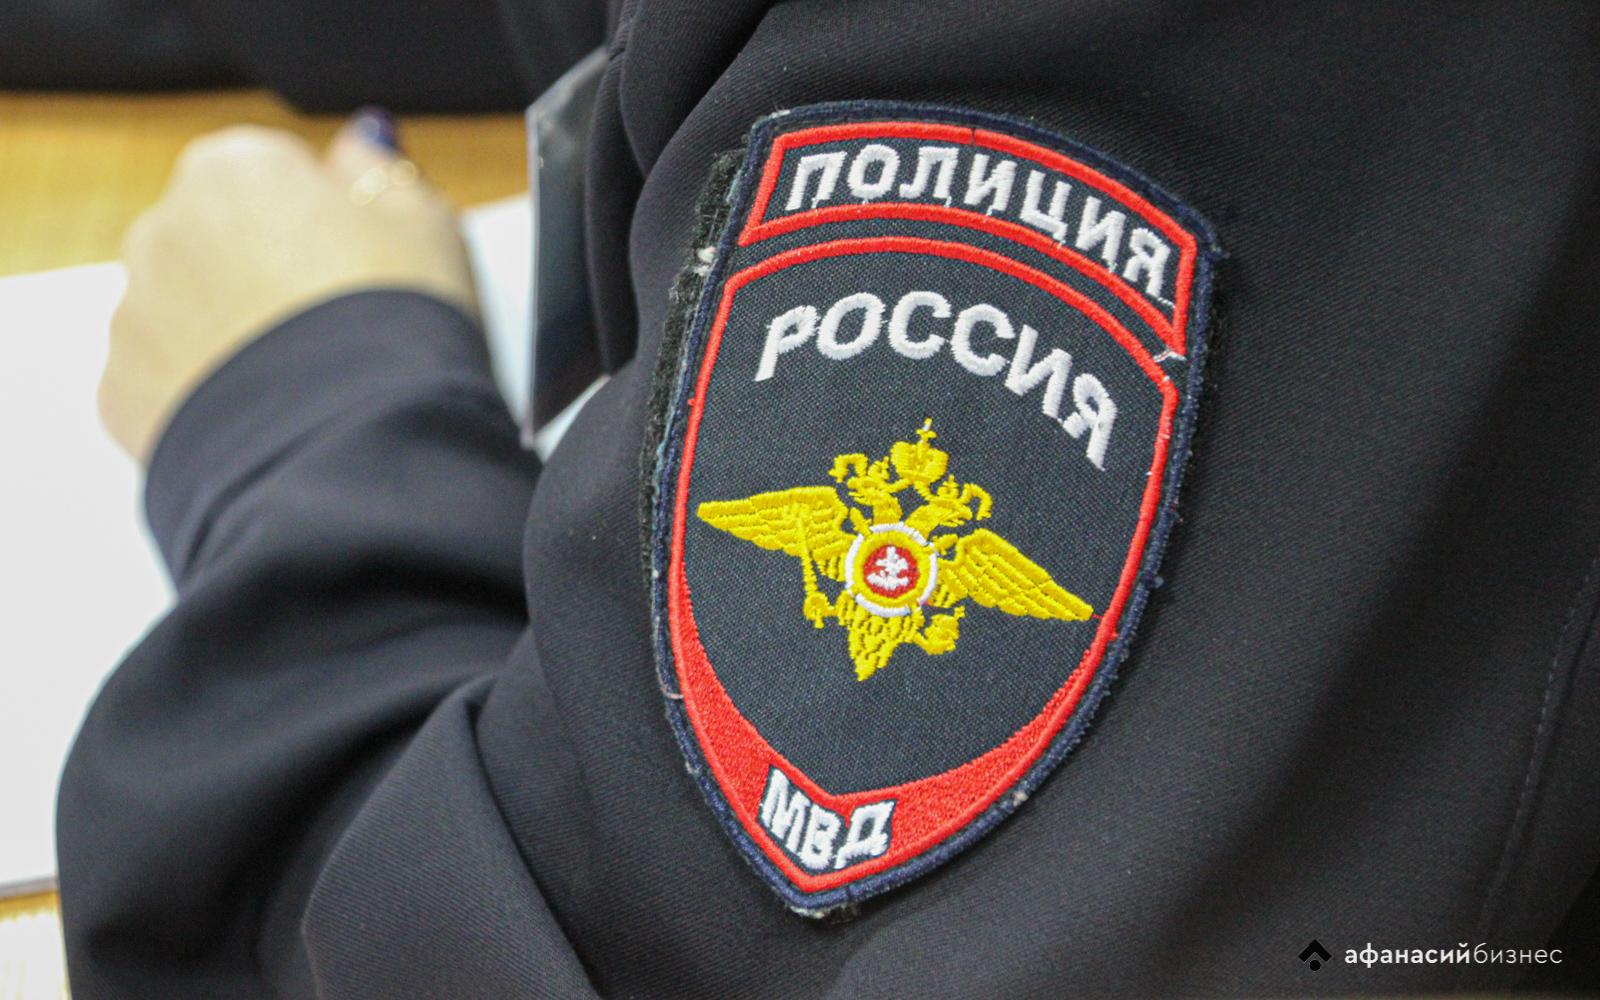 В Тверской области задержали рецидивиста, похищавшего телефоны - новости Афанасий